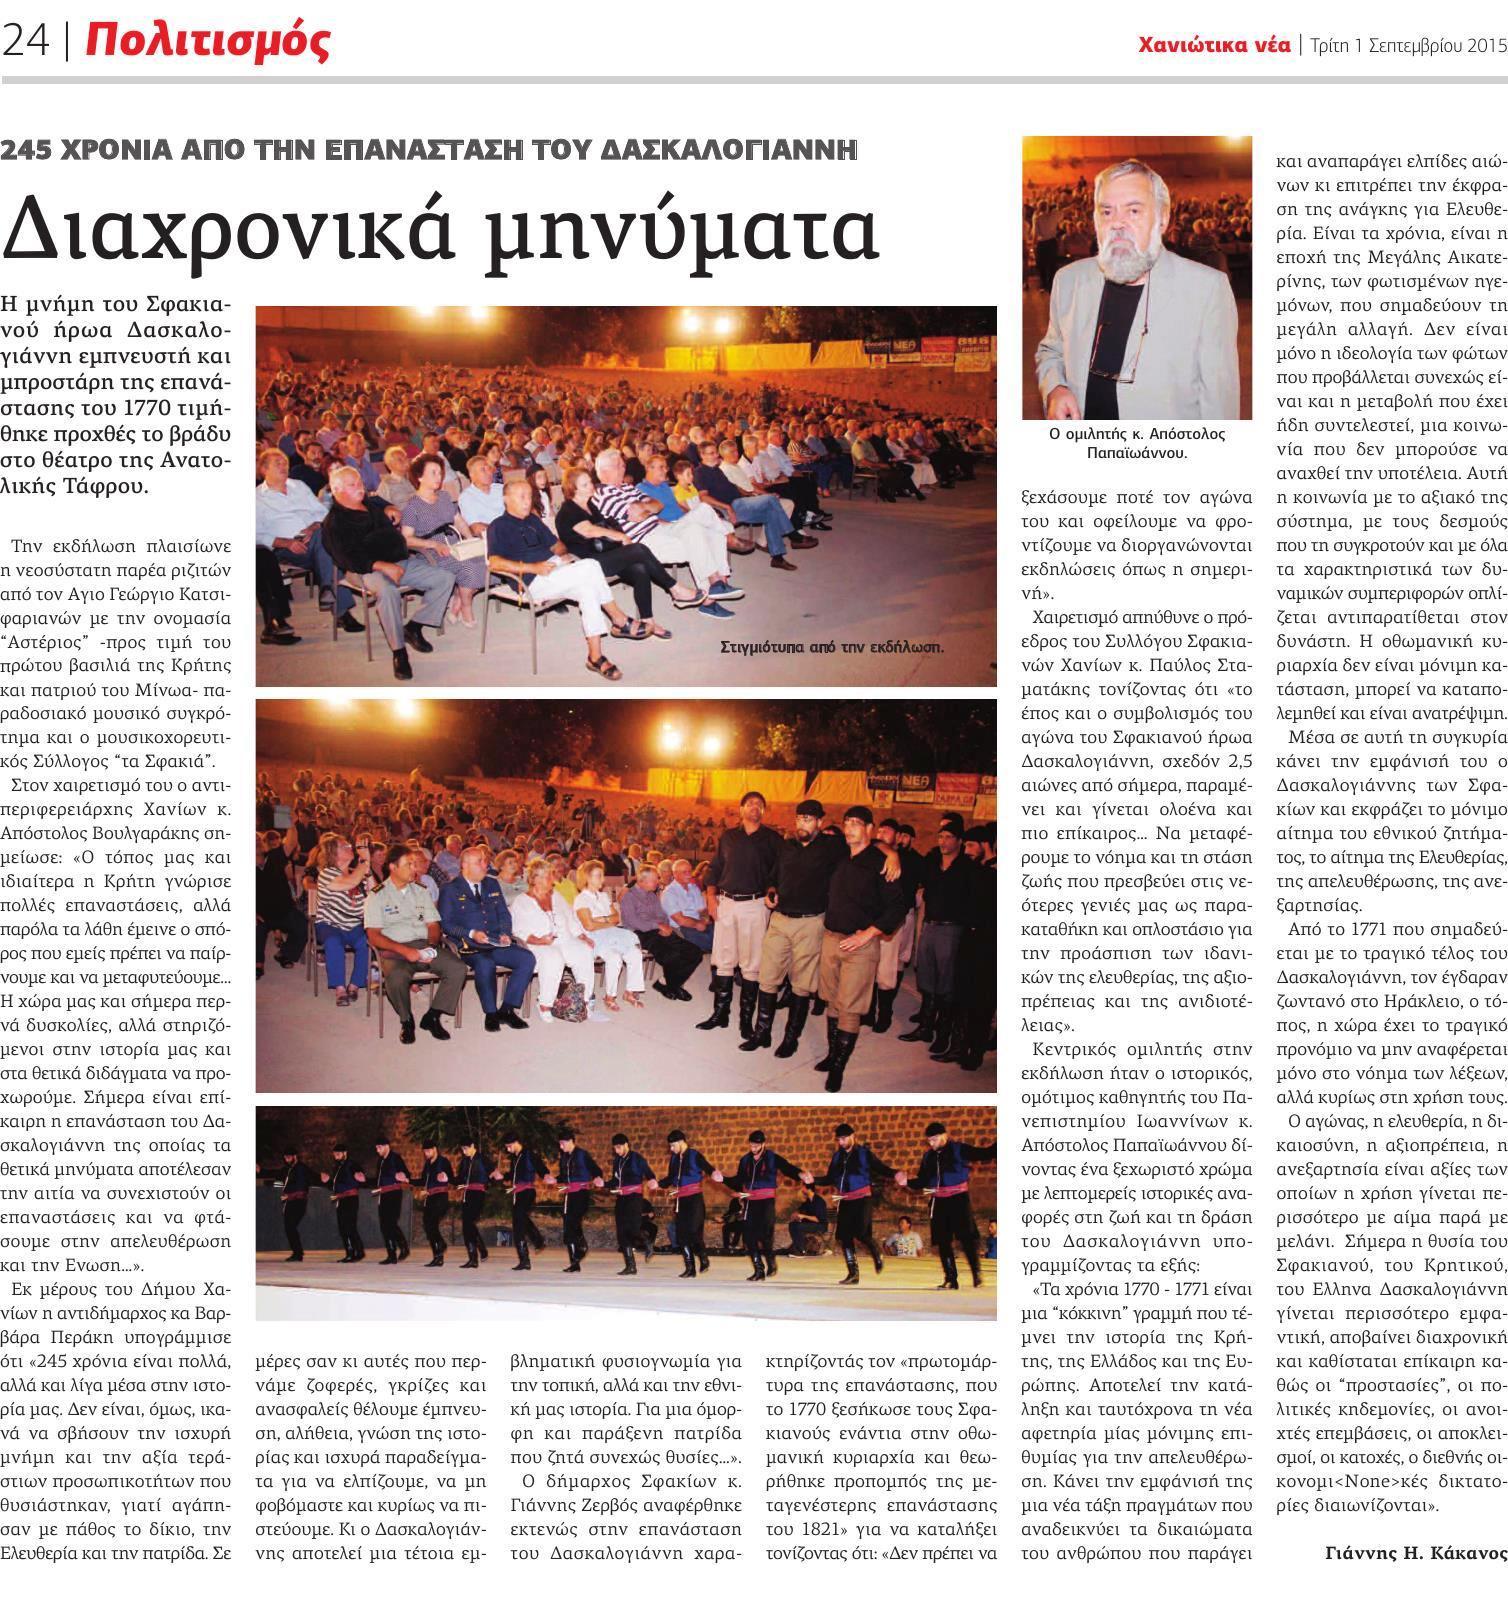 24.pdf Δασκαλογιάννης